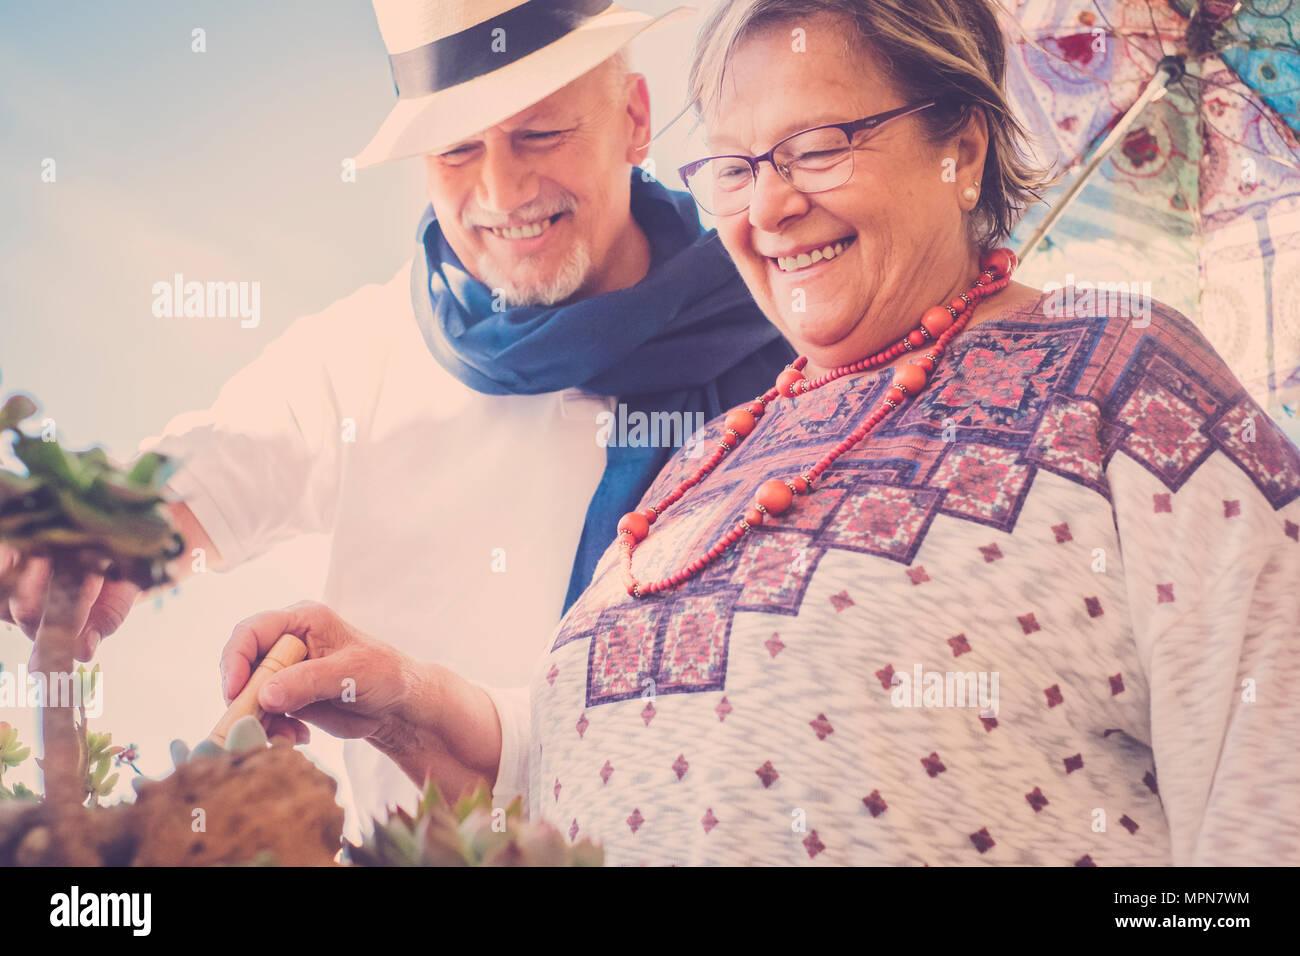 Senior hombre y mujer ancianos cuidan las plantas exterior con ippy ropa vintage y filtro para un aspecto retro Imagen De Stock